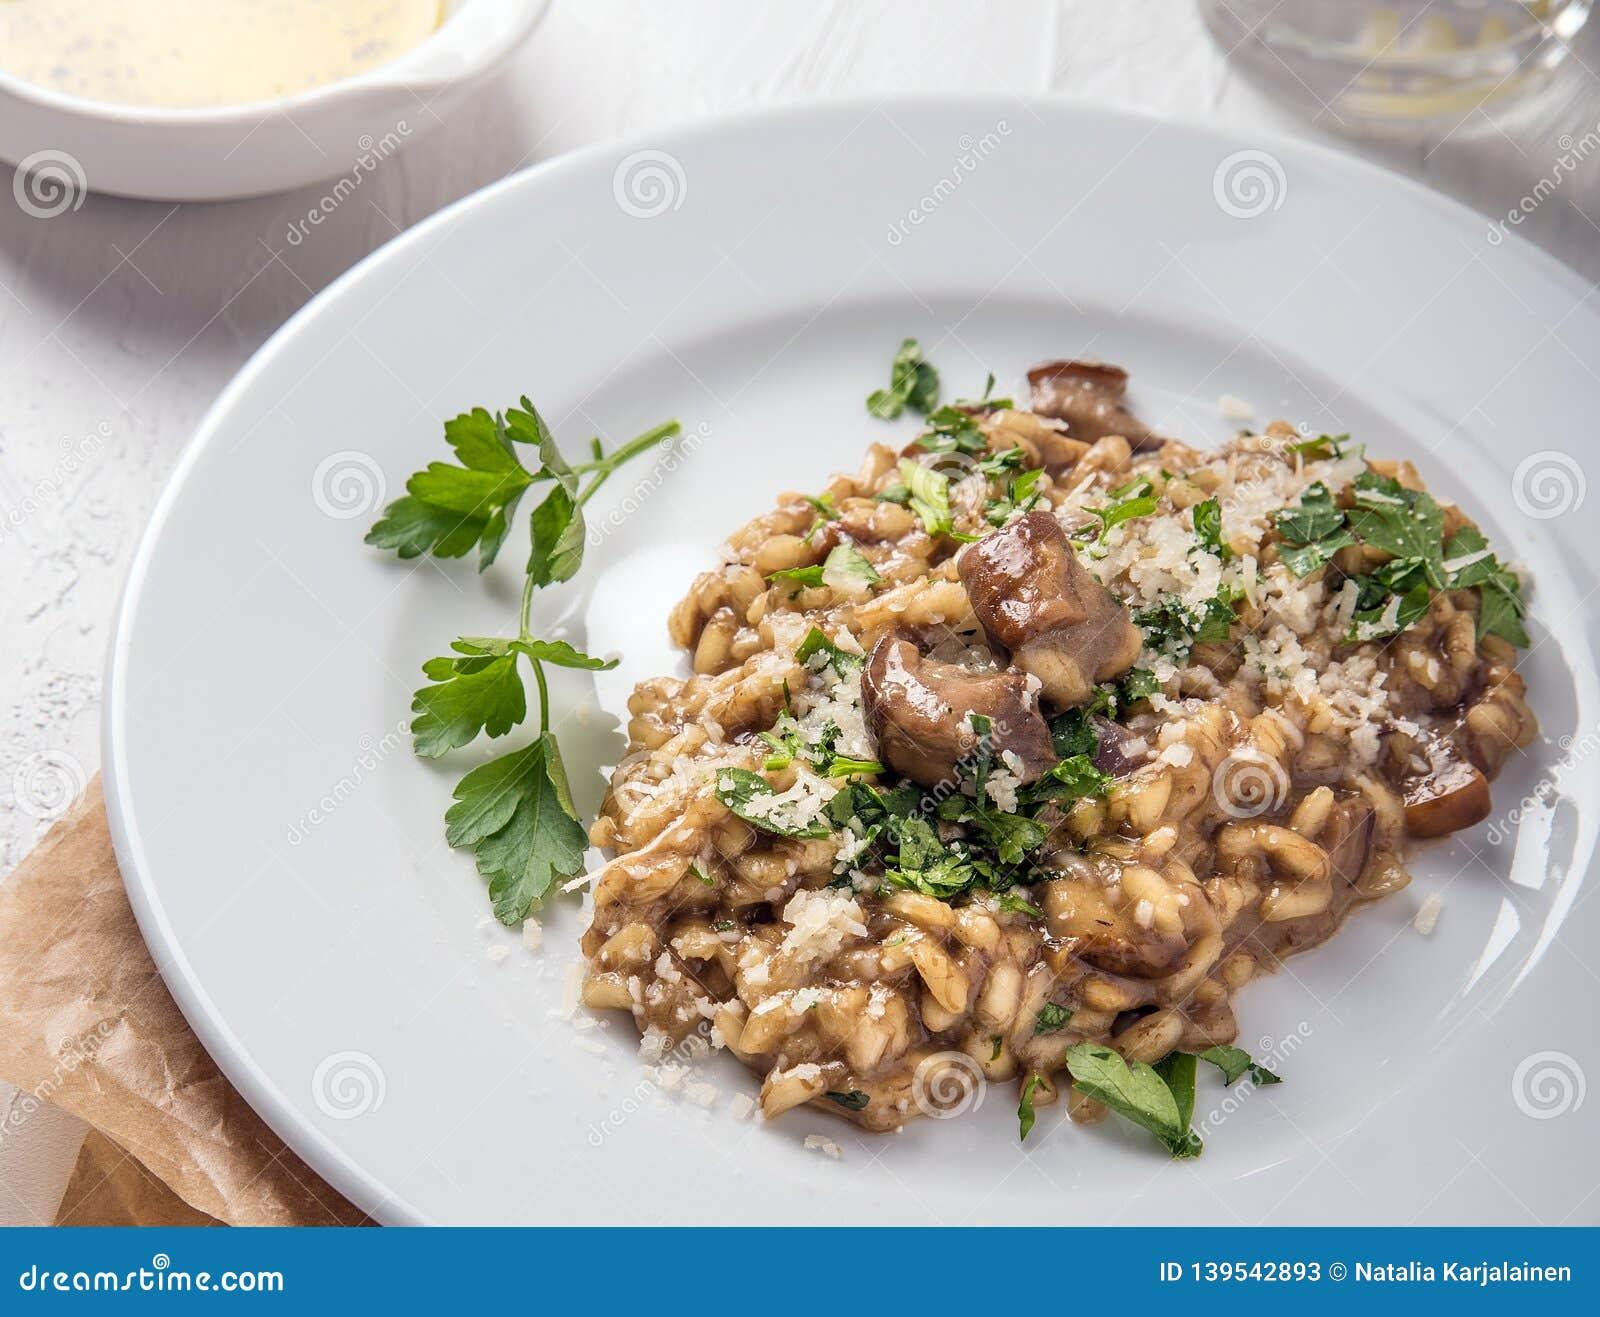 Nourriture italienne Risotto avec les champignons et le fromage d un plat blanc sur un fond blanc